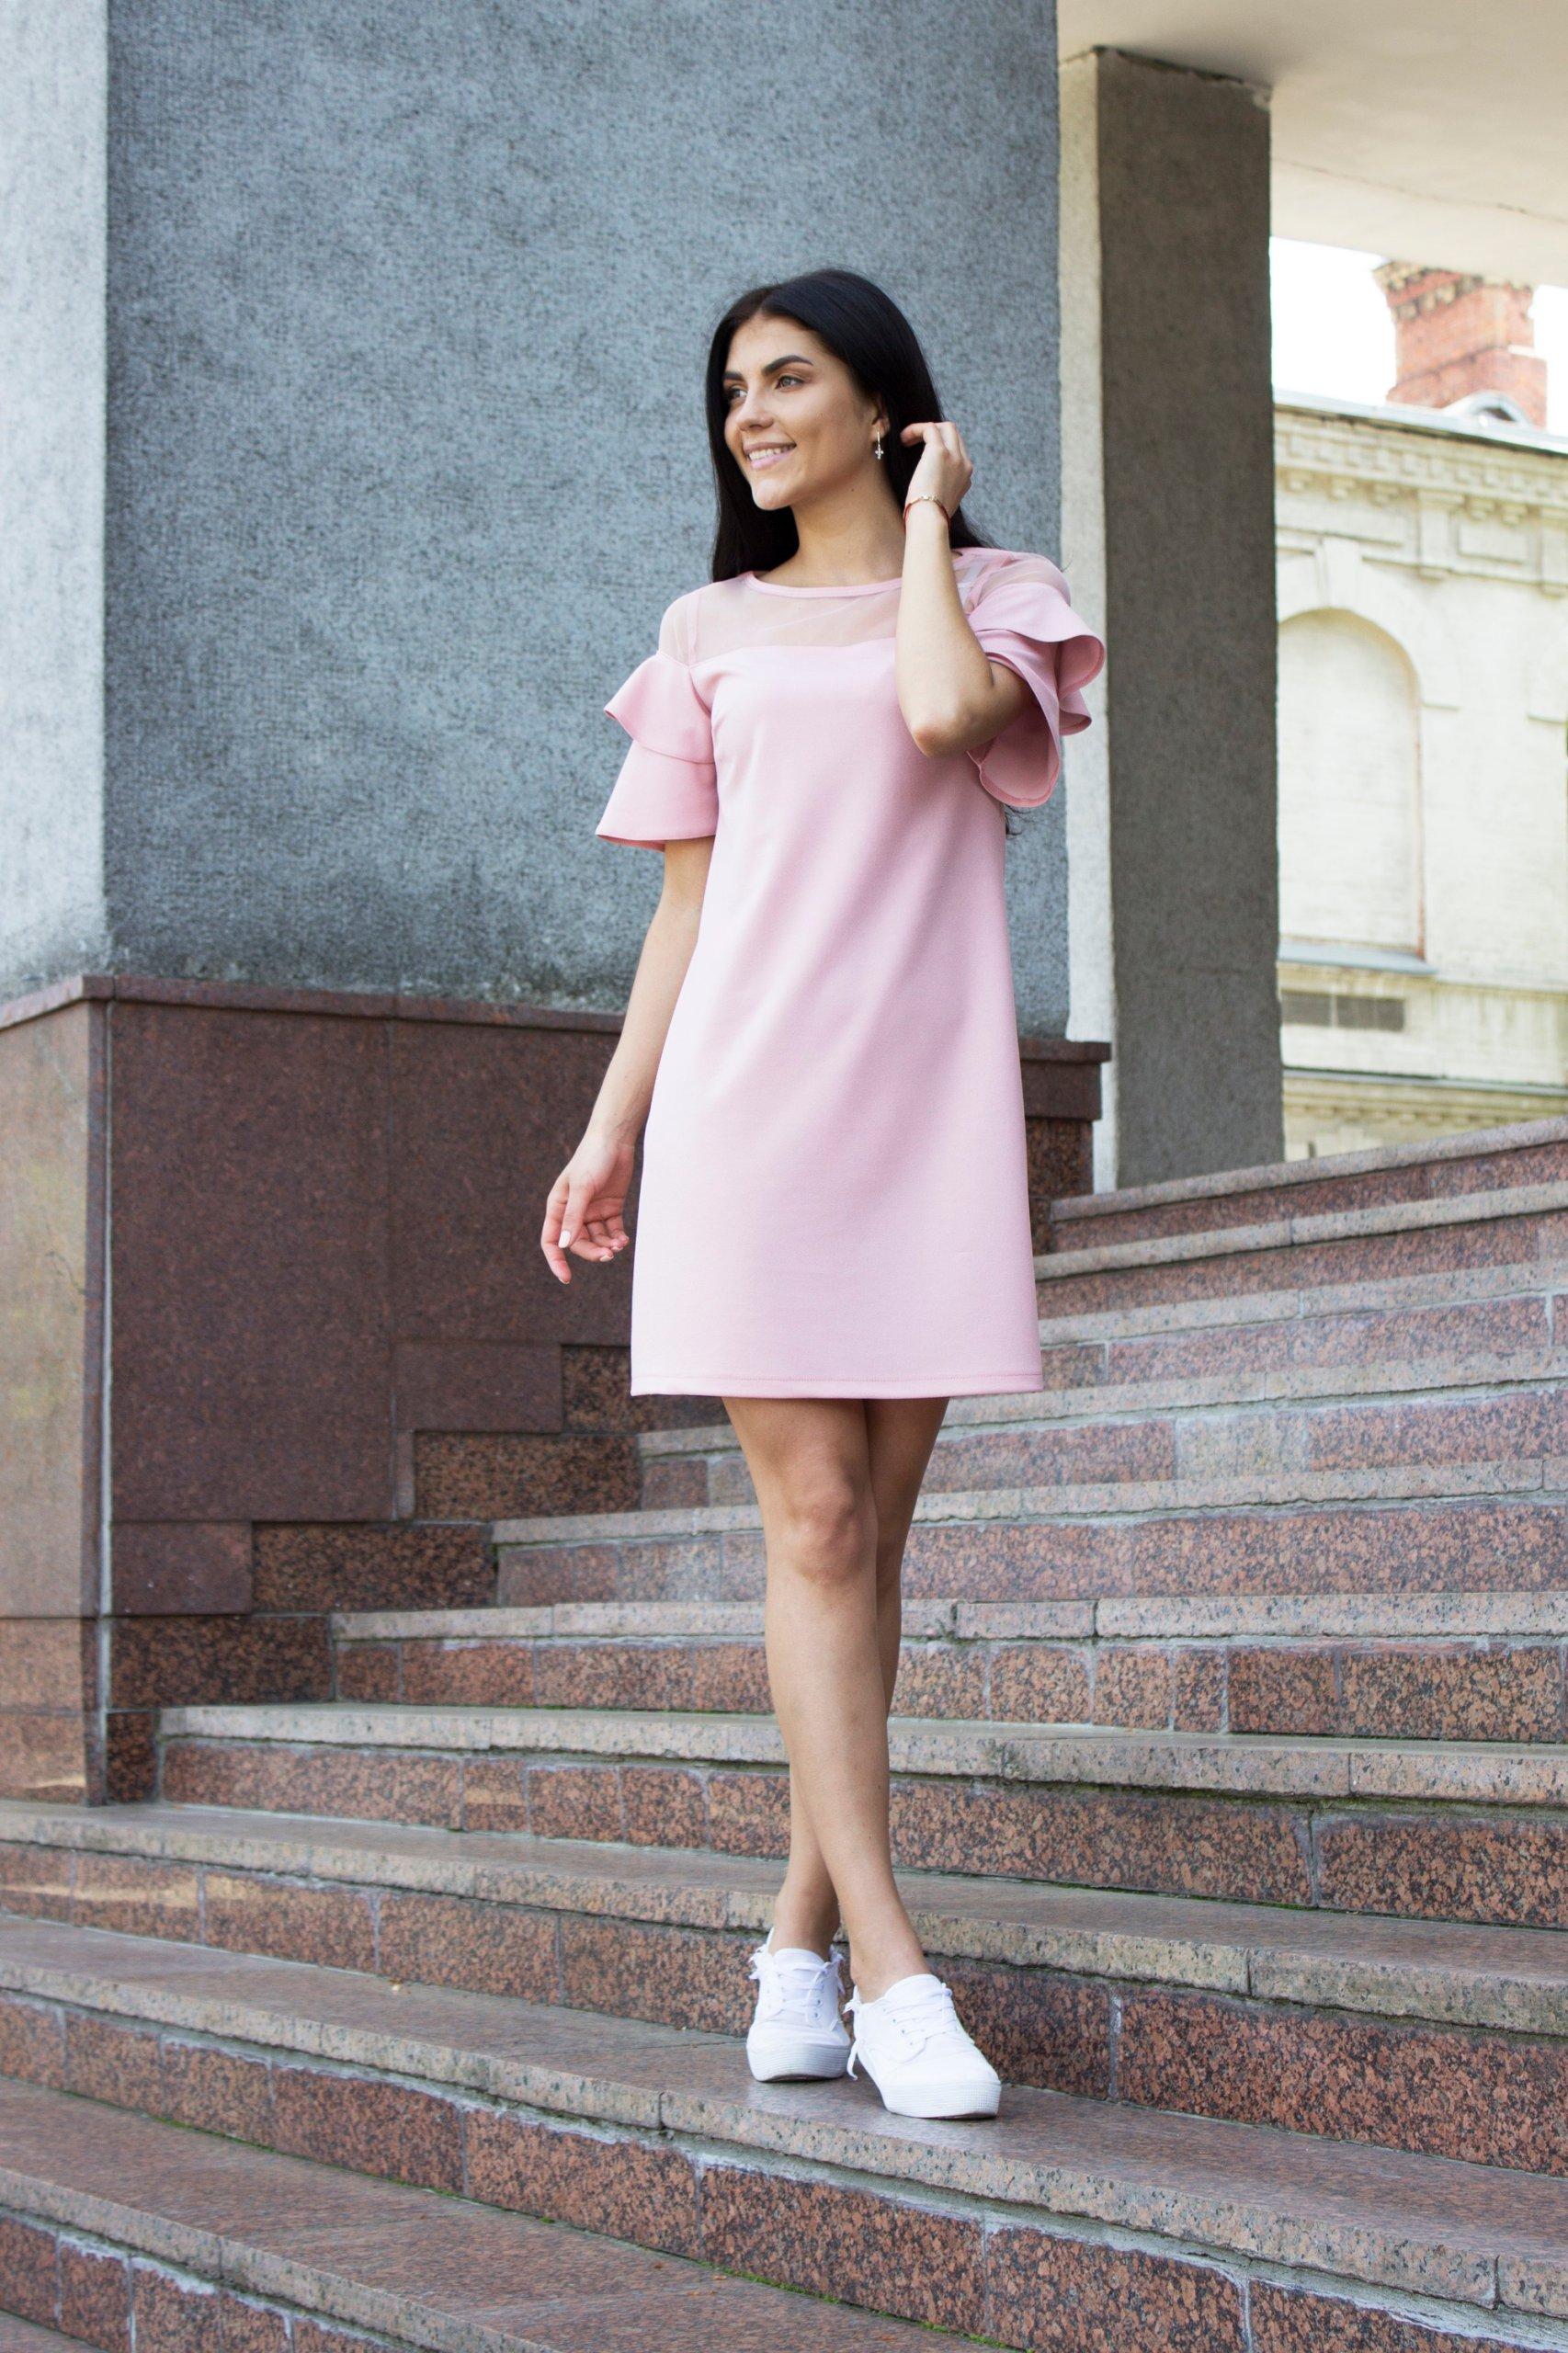 f68bb005f1 Zmysłowa sukienka z falbanami Pudrowy roz - 7434888314 - oficjalne ...